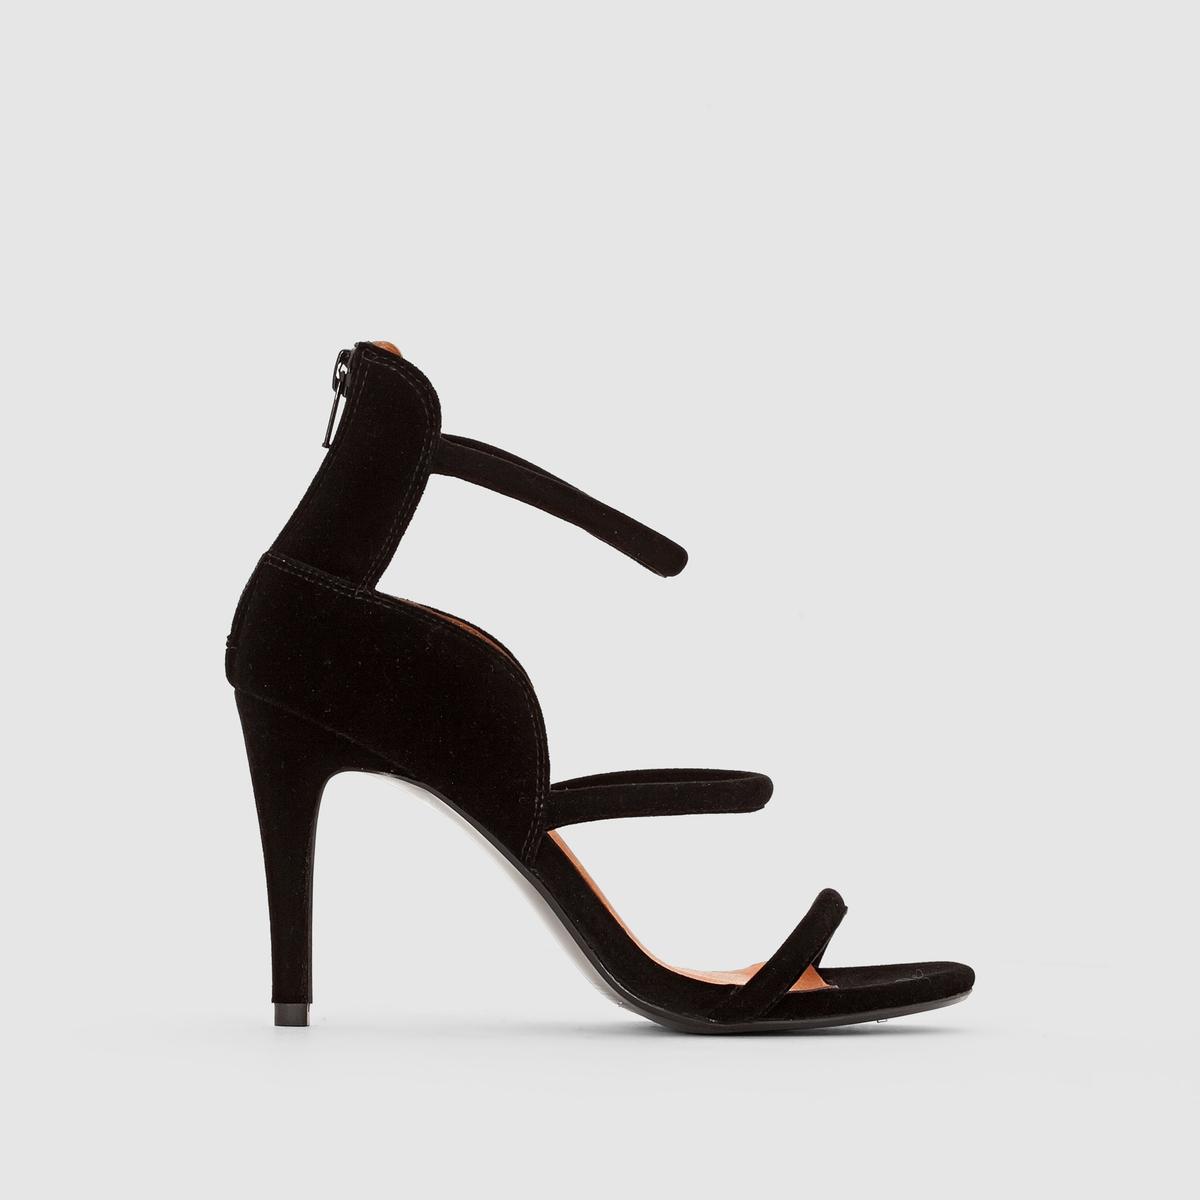 Босоножки велюровые на высоком каблукеПреимущества : оригинальные велюровые босоножки на каблуке с застежкой на пятке и тонкими ремешками.<br><br>Цвет: черный<br>Размер: 37.36.39